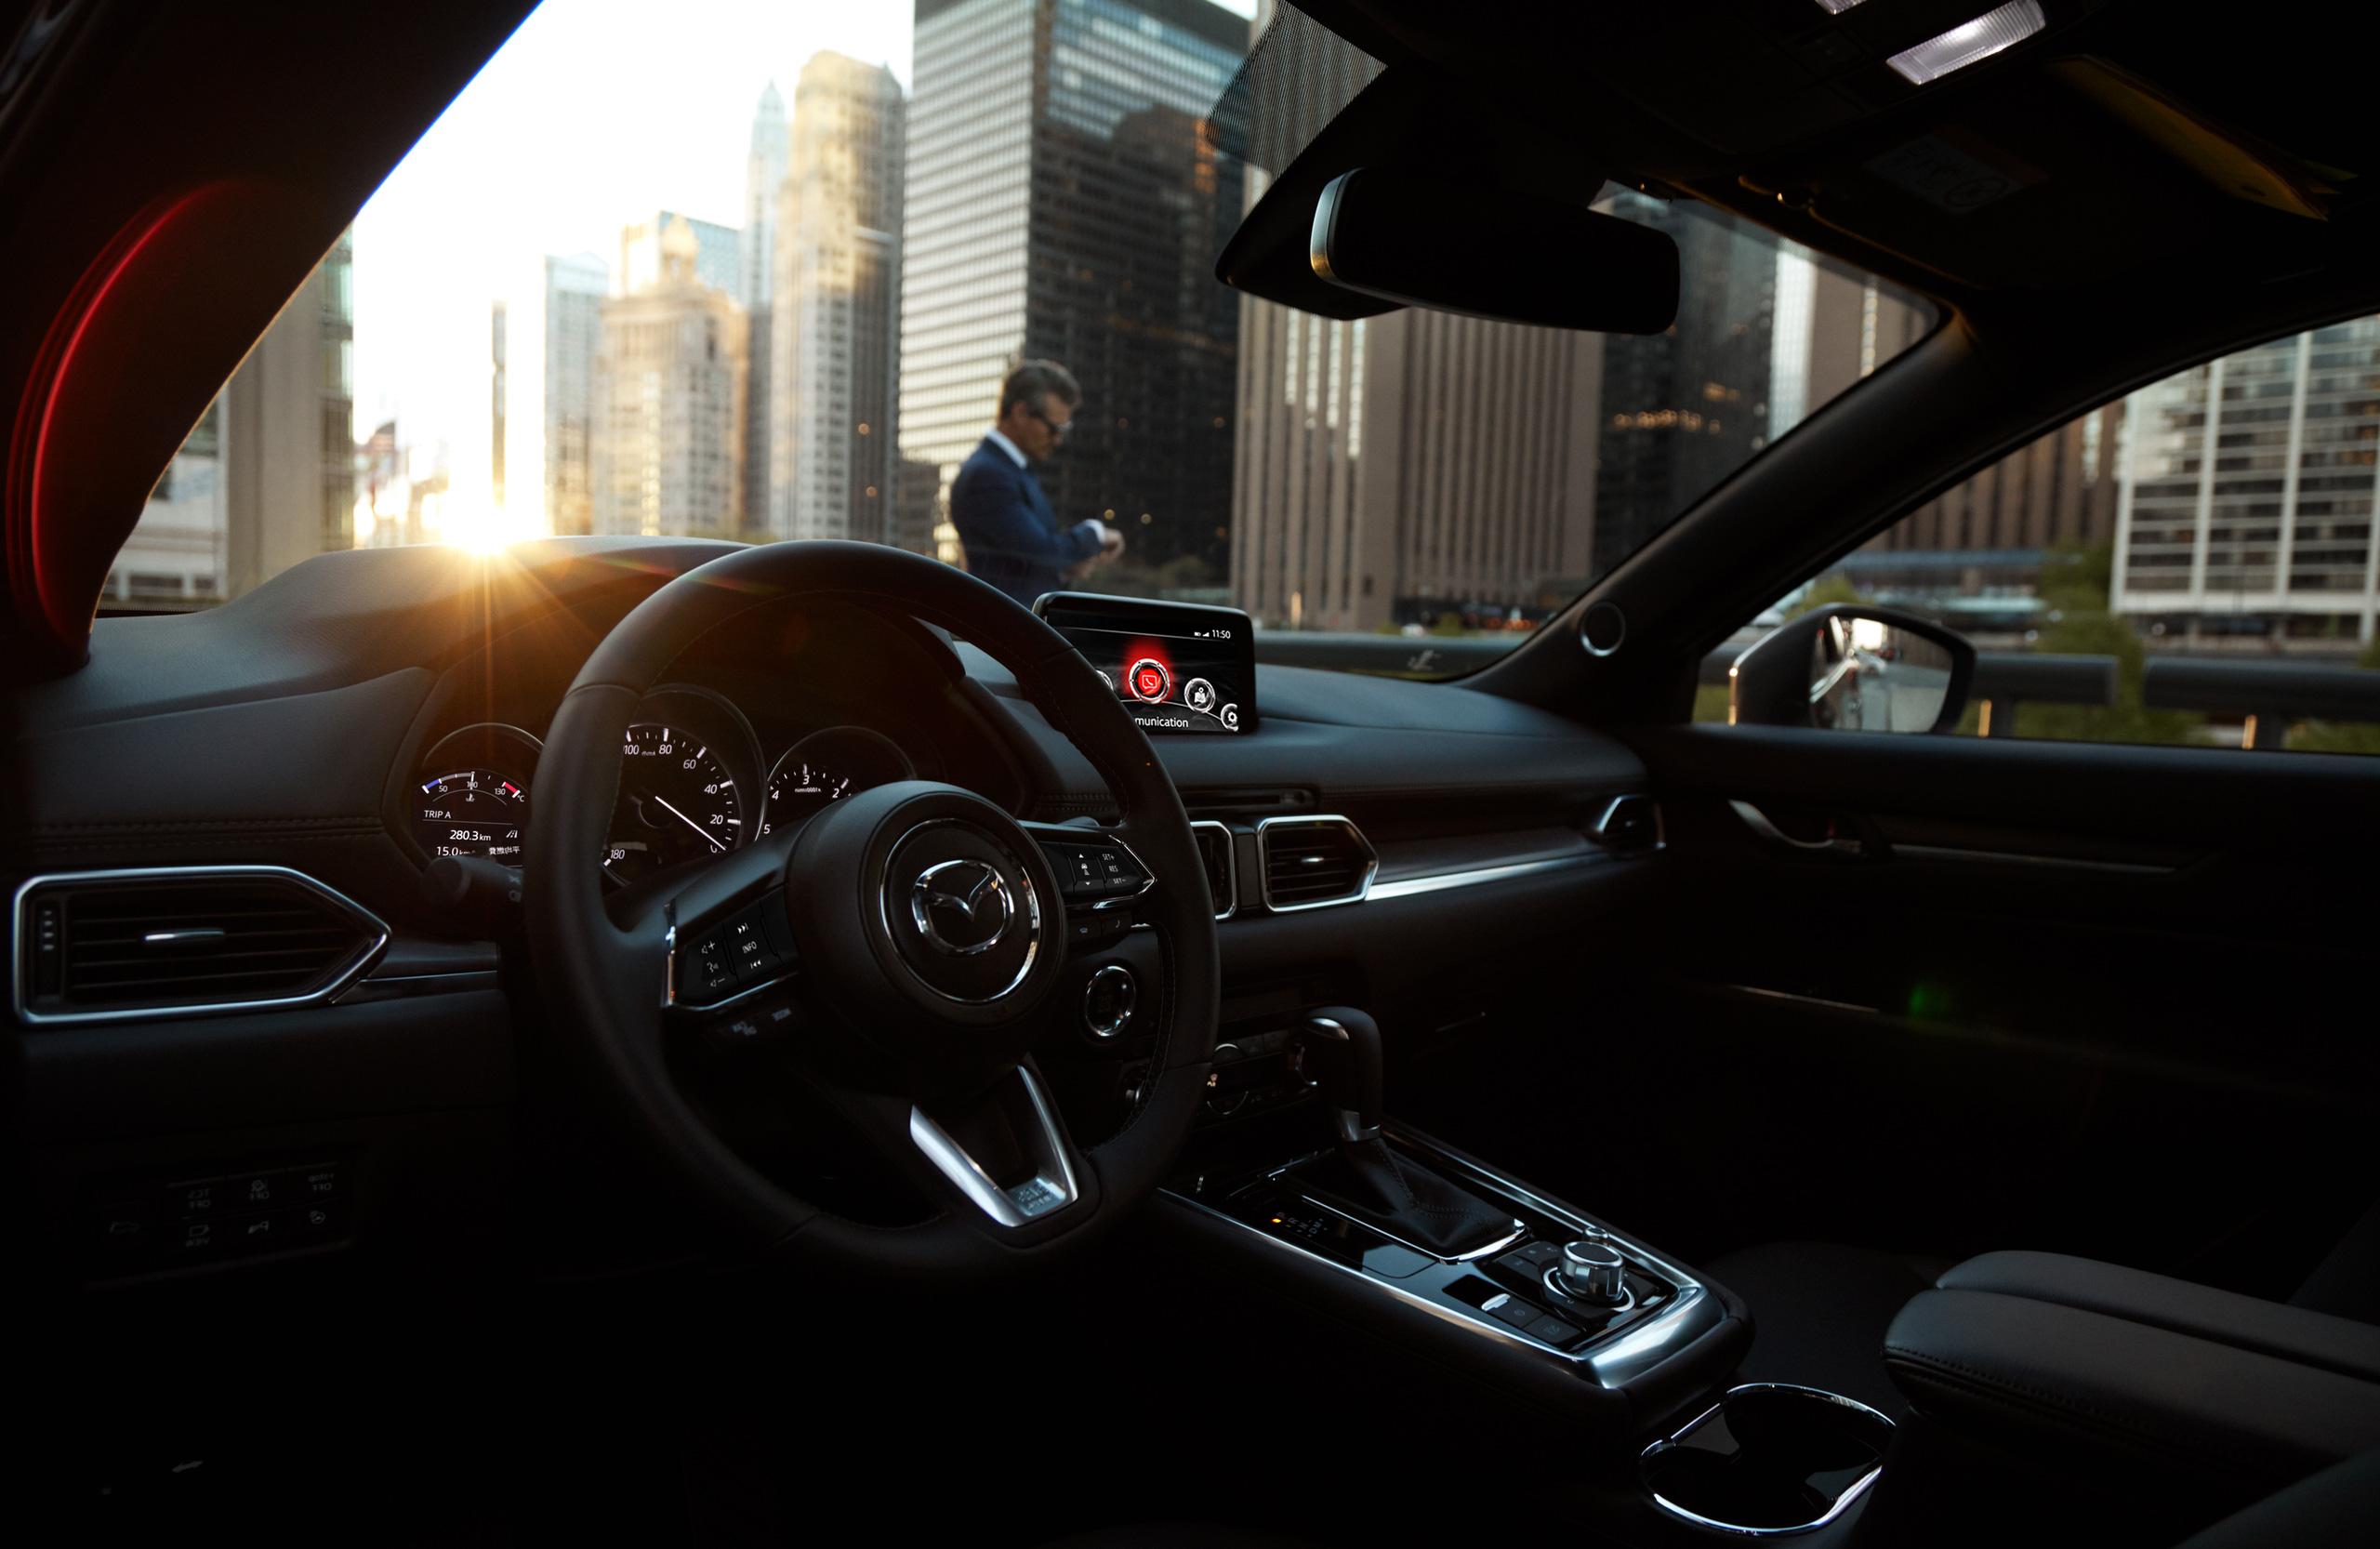 Thiết kế và trang bị, yếu tố hút khách hàng của Mazda CX-8 - Ảnh 3.